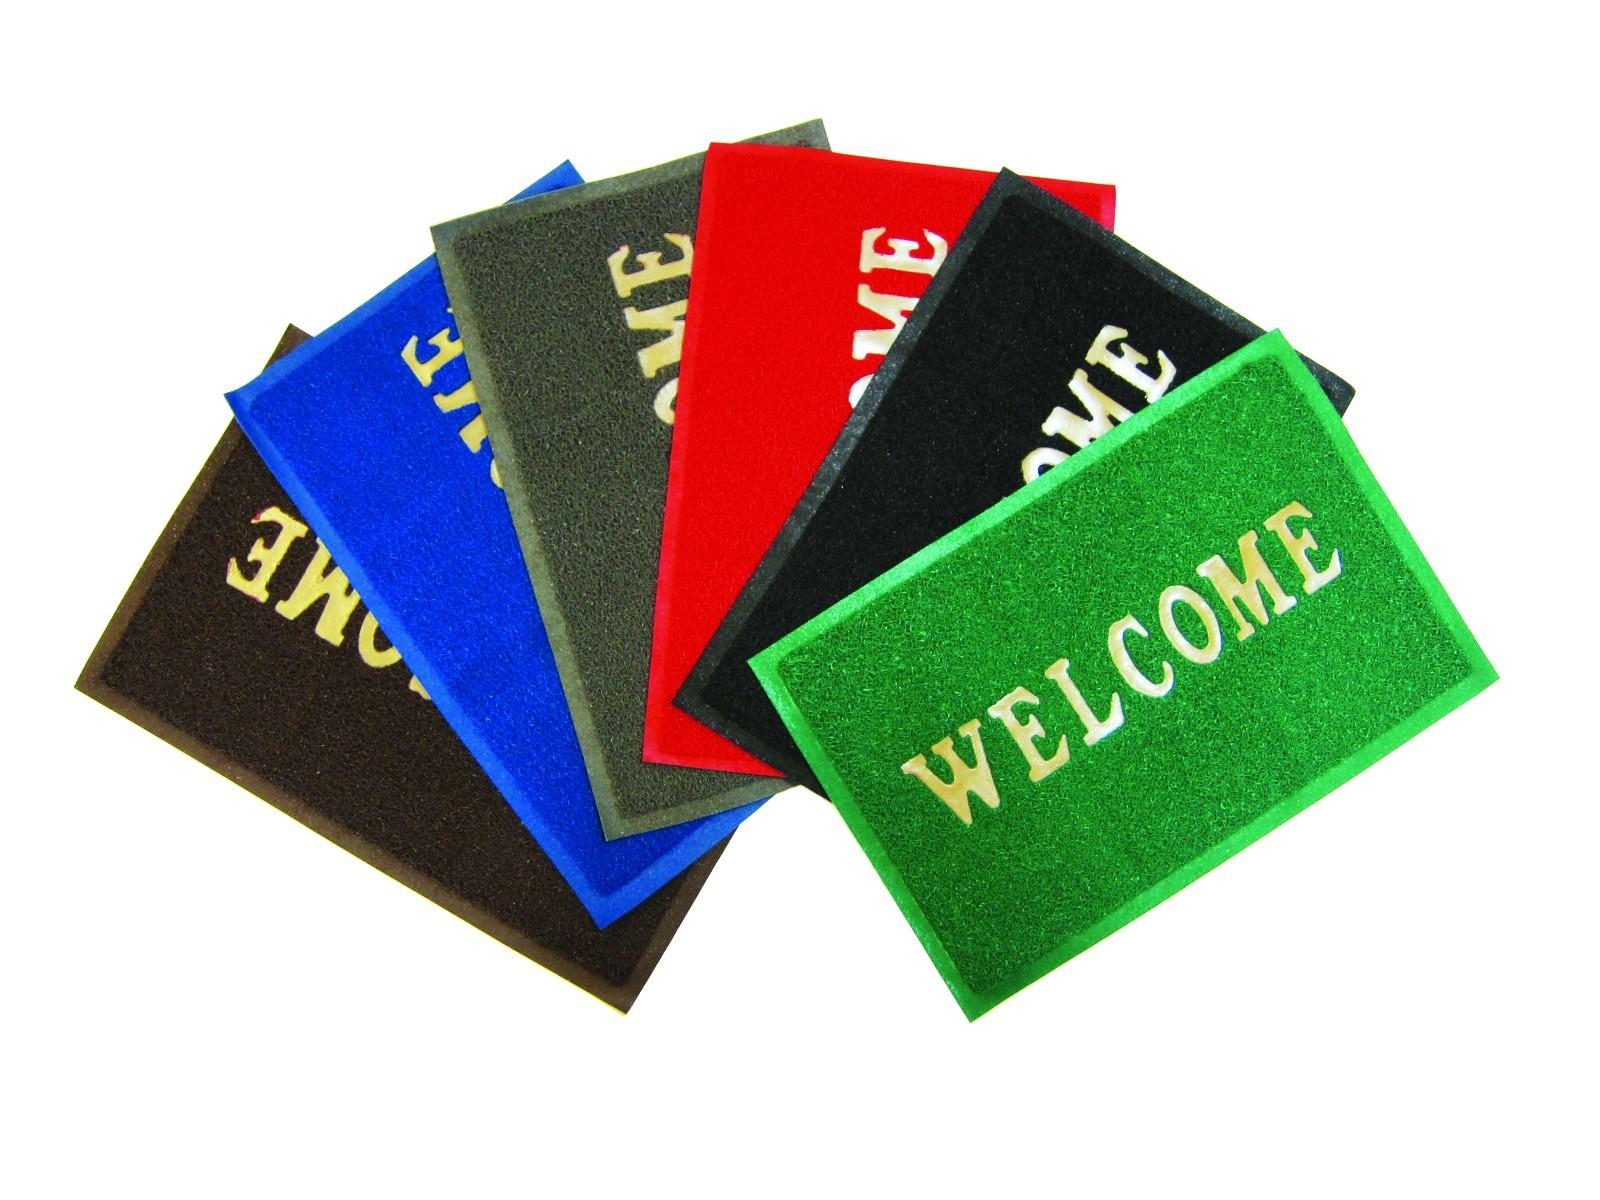 Ковры и ковровые дорожки SunStep Коврик Welcome Цвет: Черный (40х60 см) коврик домашний sunstep цвет синий 140 х 200 х 4 см